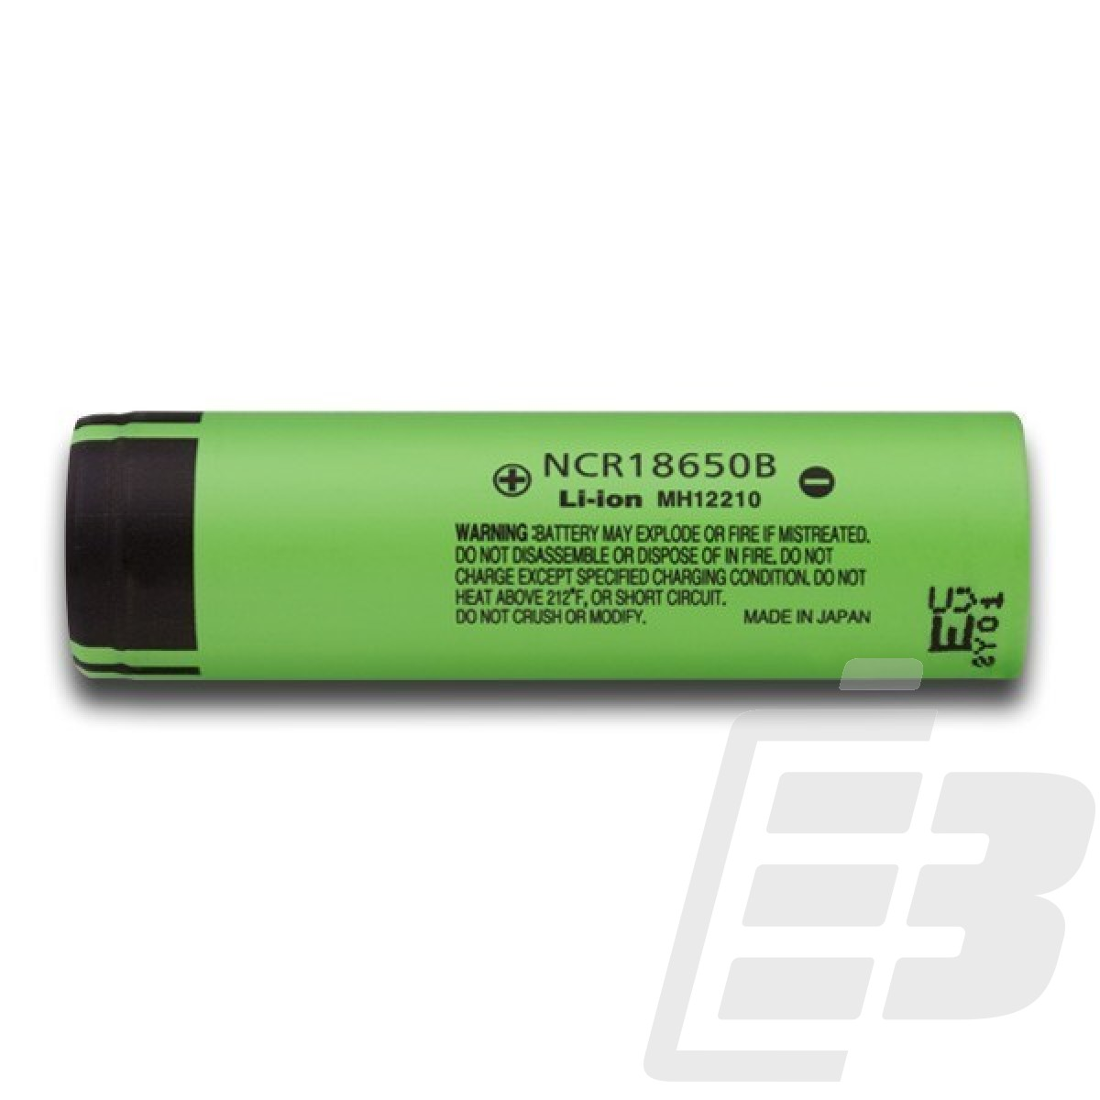 Panasonic NCR18650B 3400_1